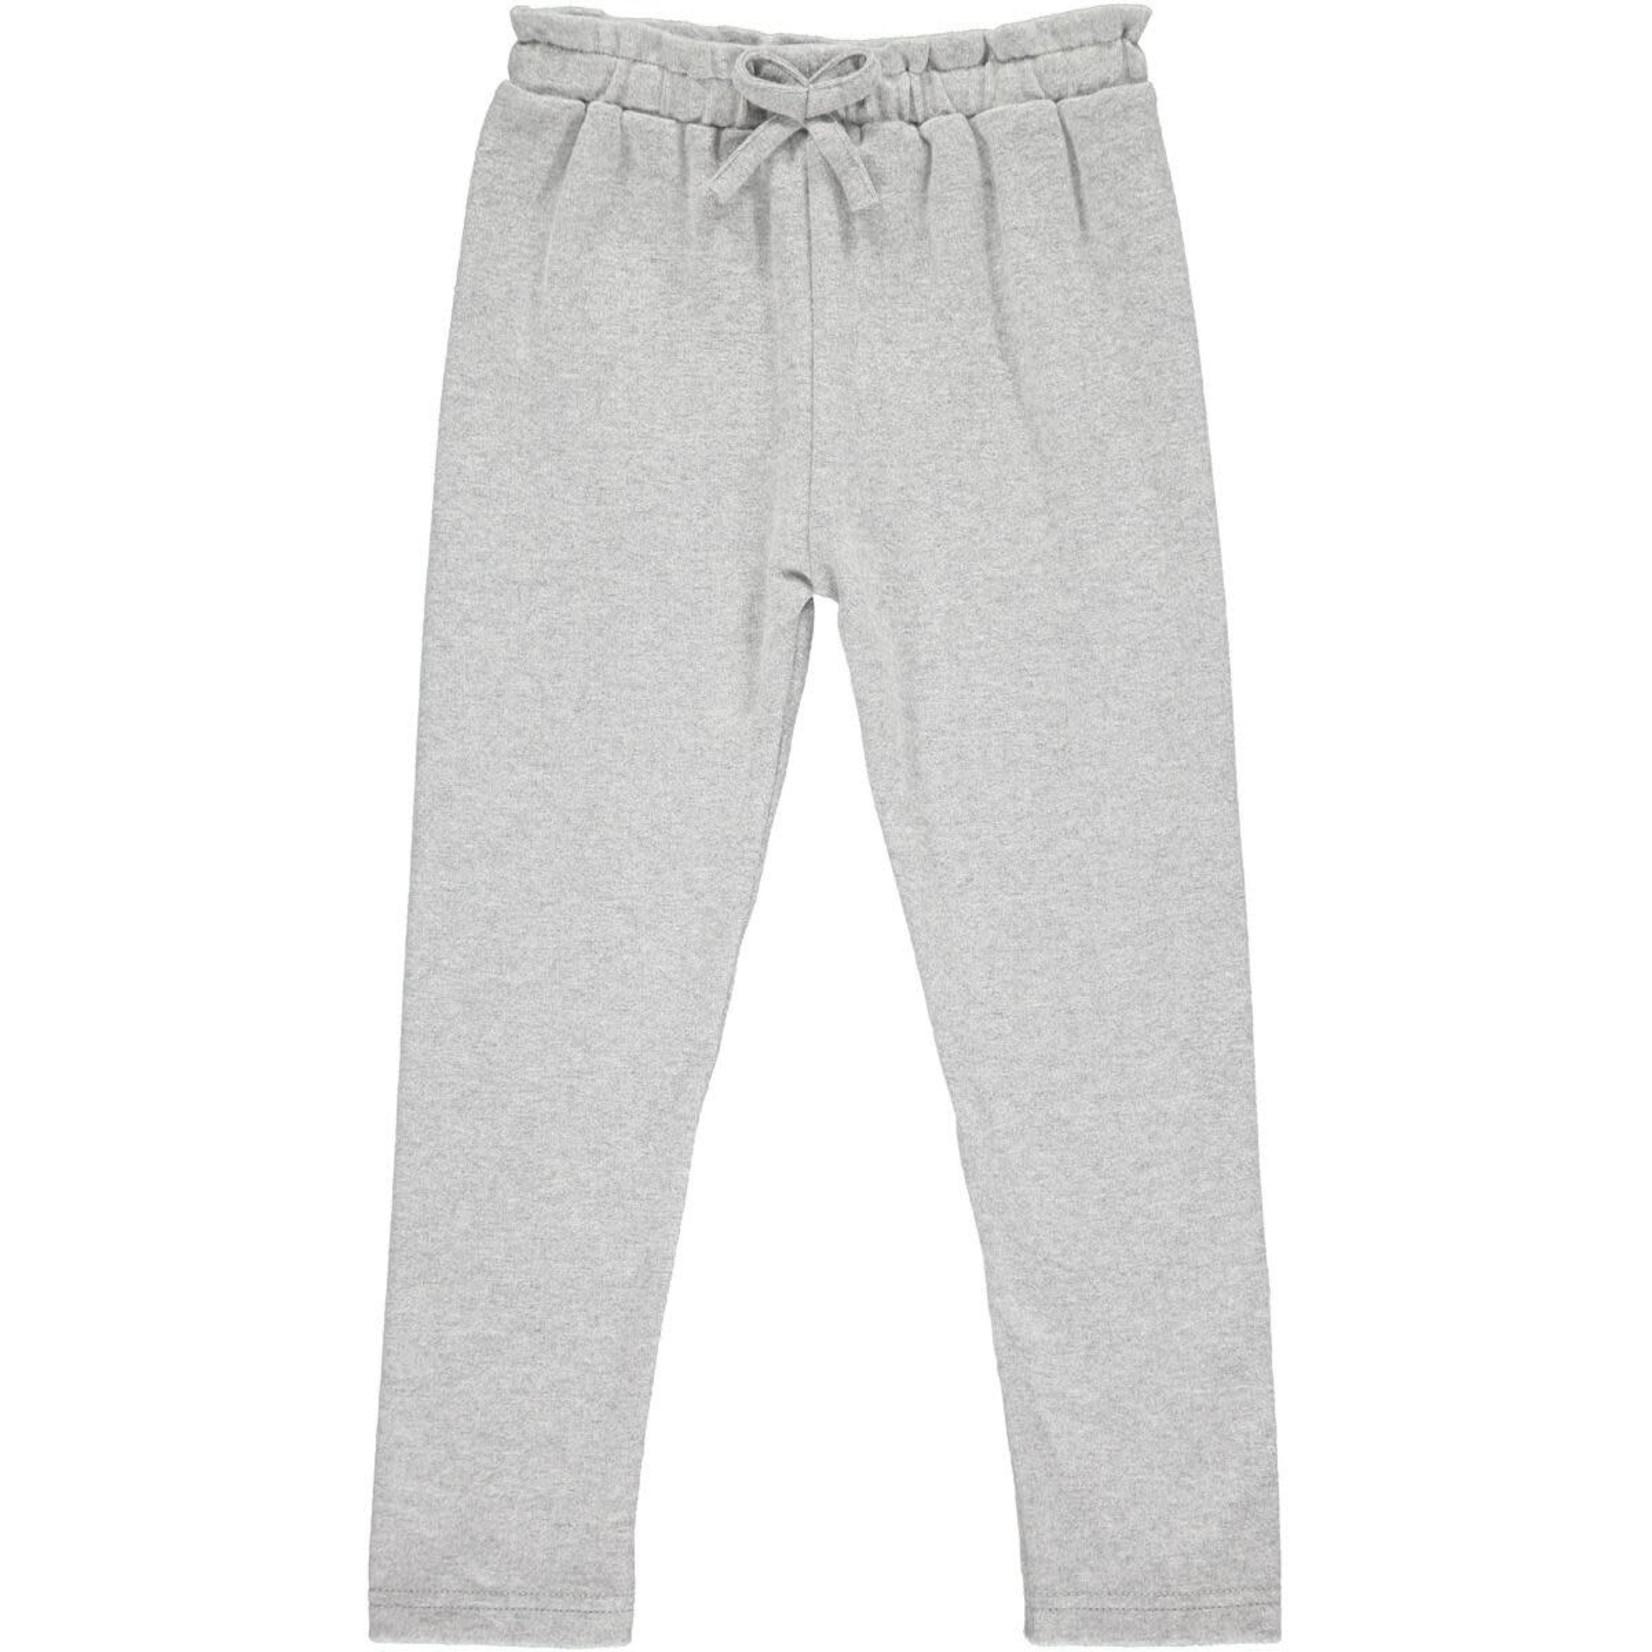 Vignette Fawn Girls Leggings - Grey 4